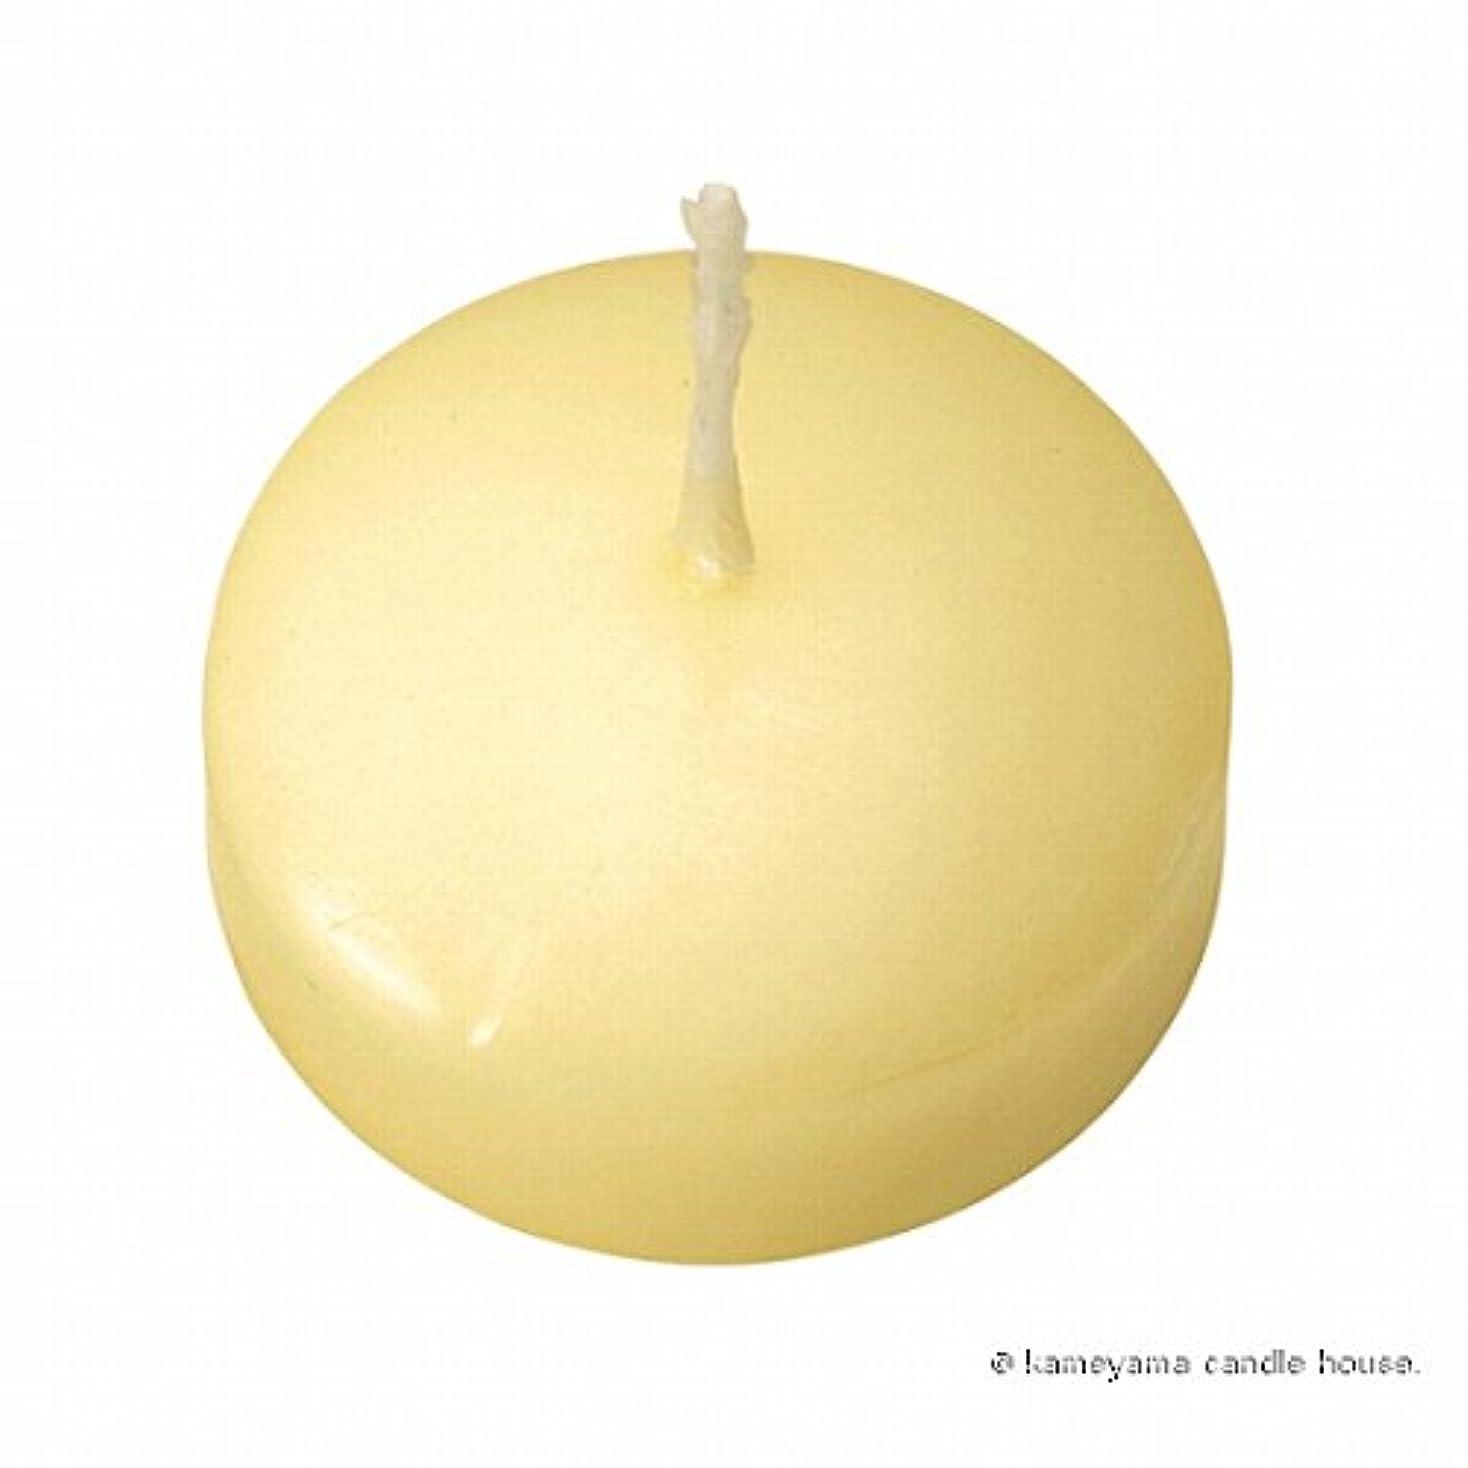 カジュアル枕ラインカメヤマキャンドル( kameyama candle ) プール50 「 アイボリー 」 12個入り